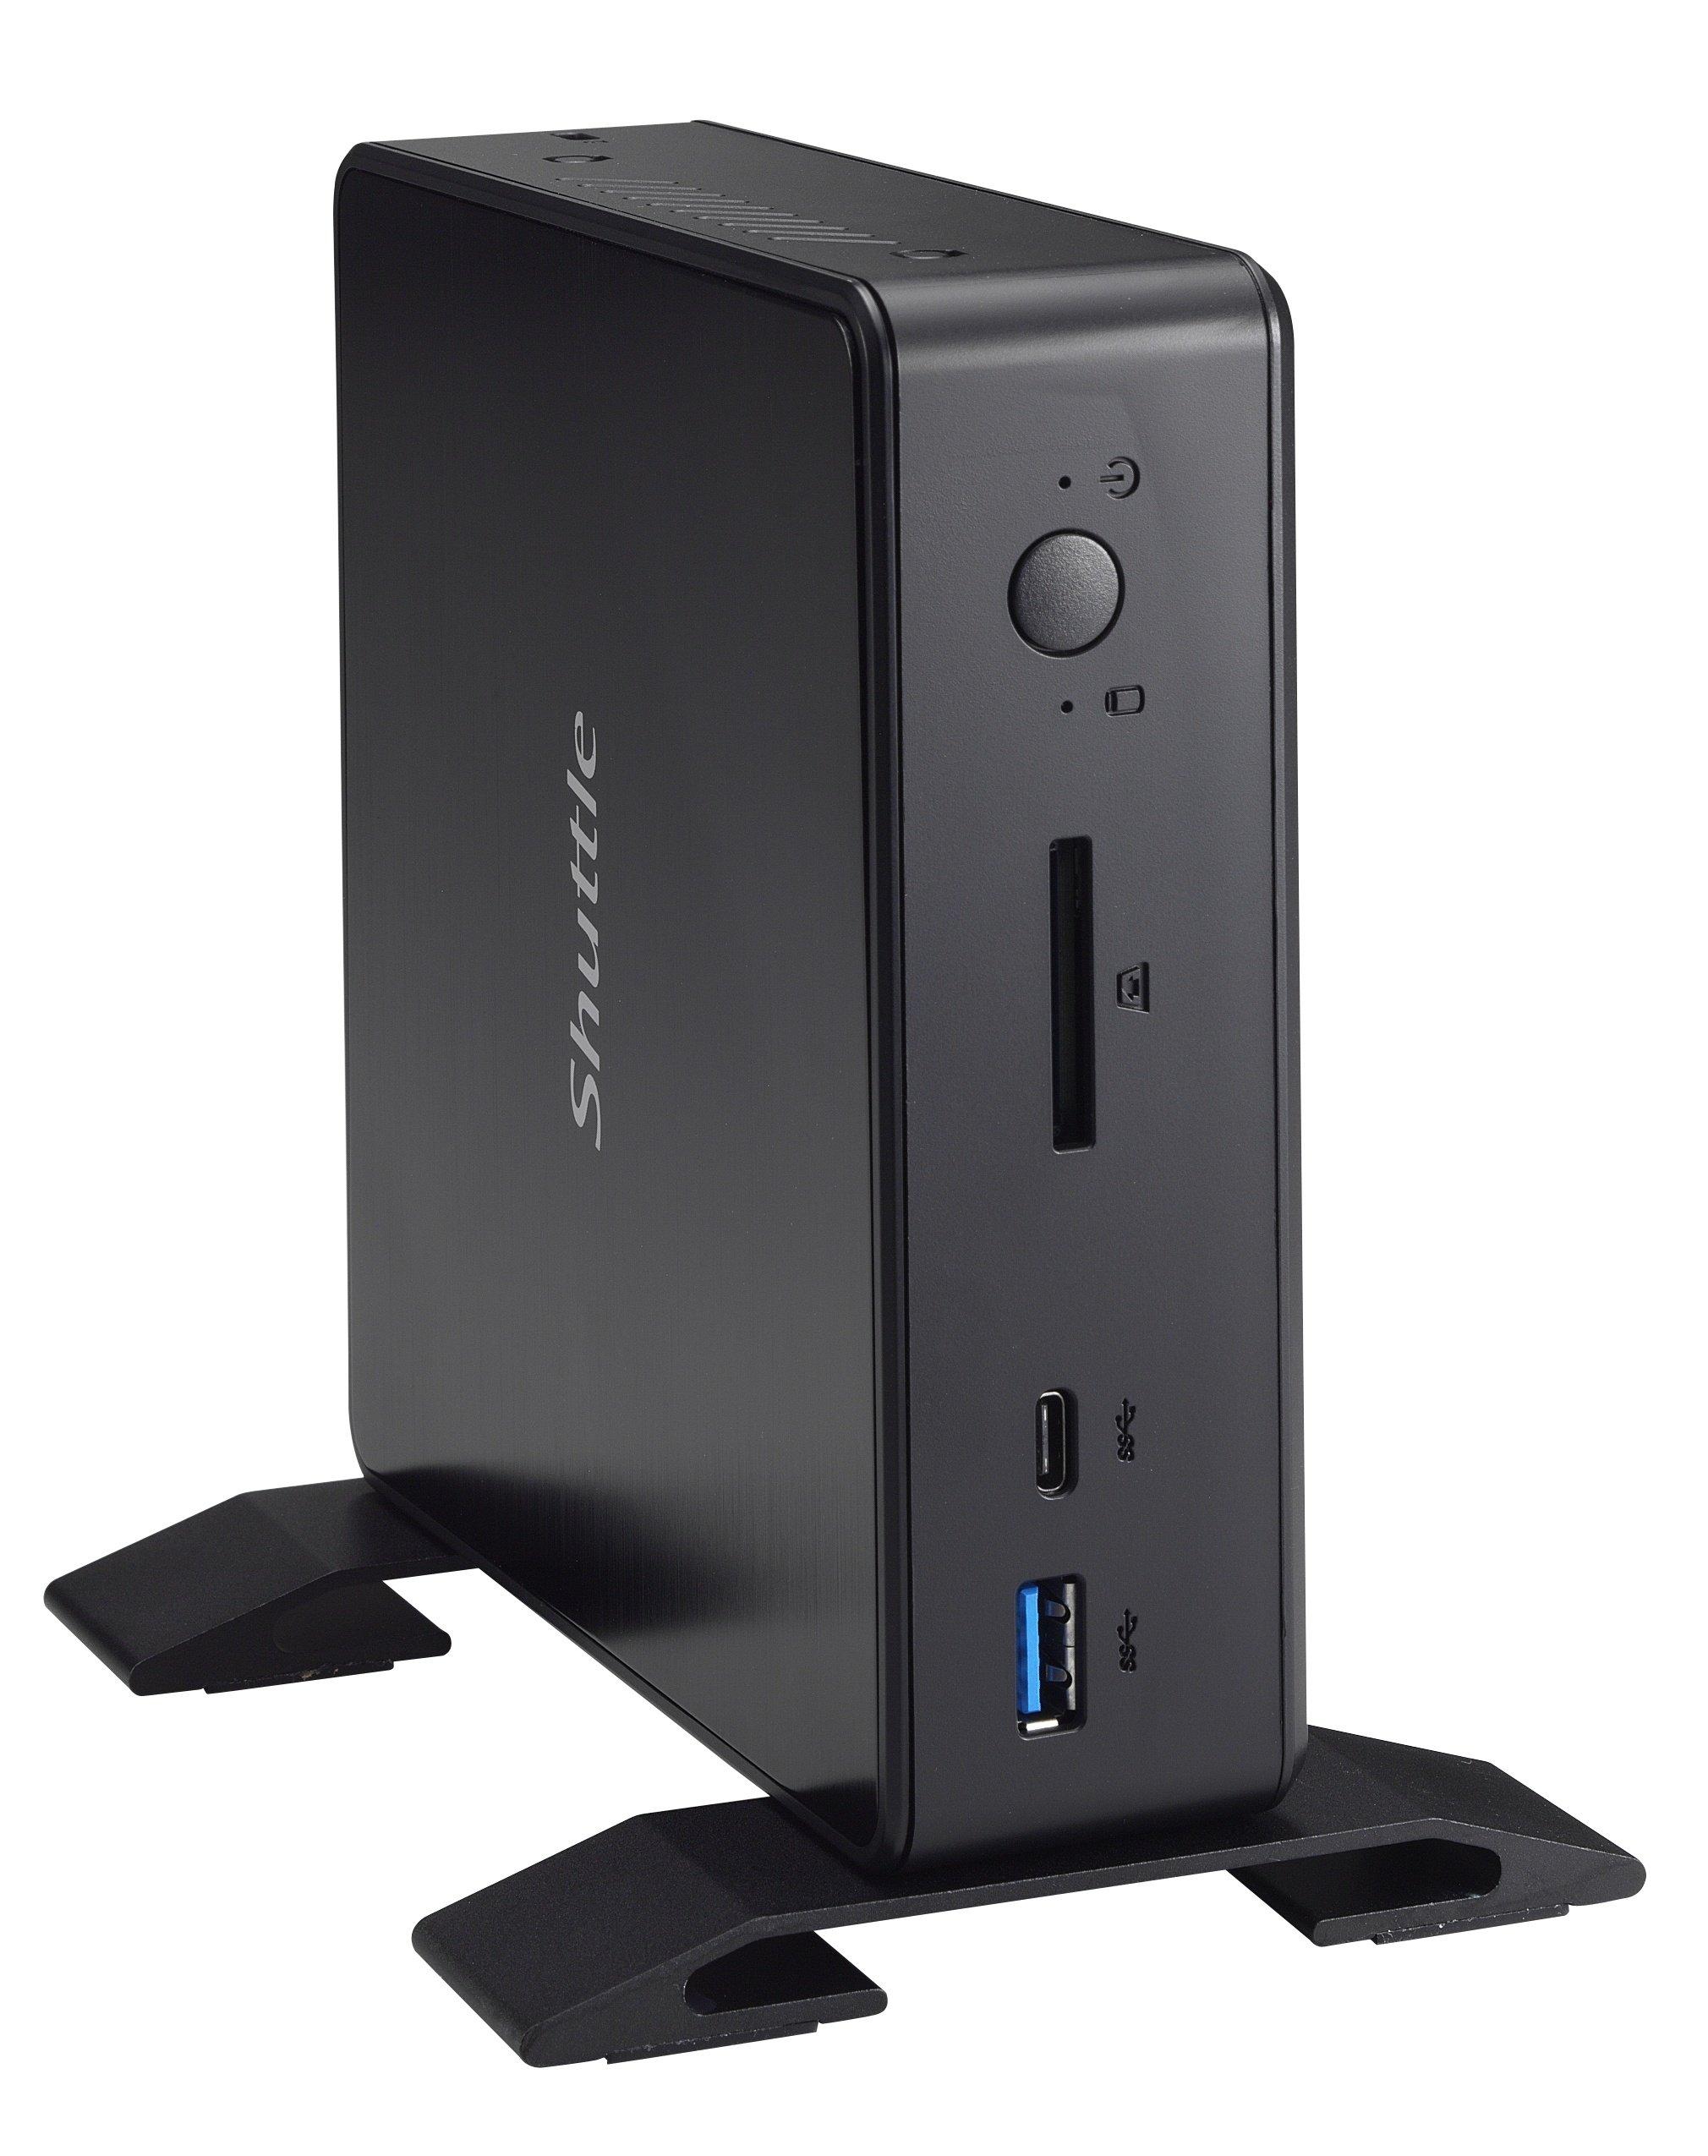 Shuttle XPC Nano NC02U7 Intel Skylake-U i5-6200U Mini Barebone PC, Support 4K HD Video, Dual-channel DDR3L Max 32GB